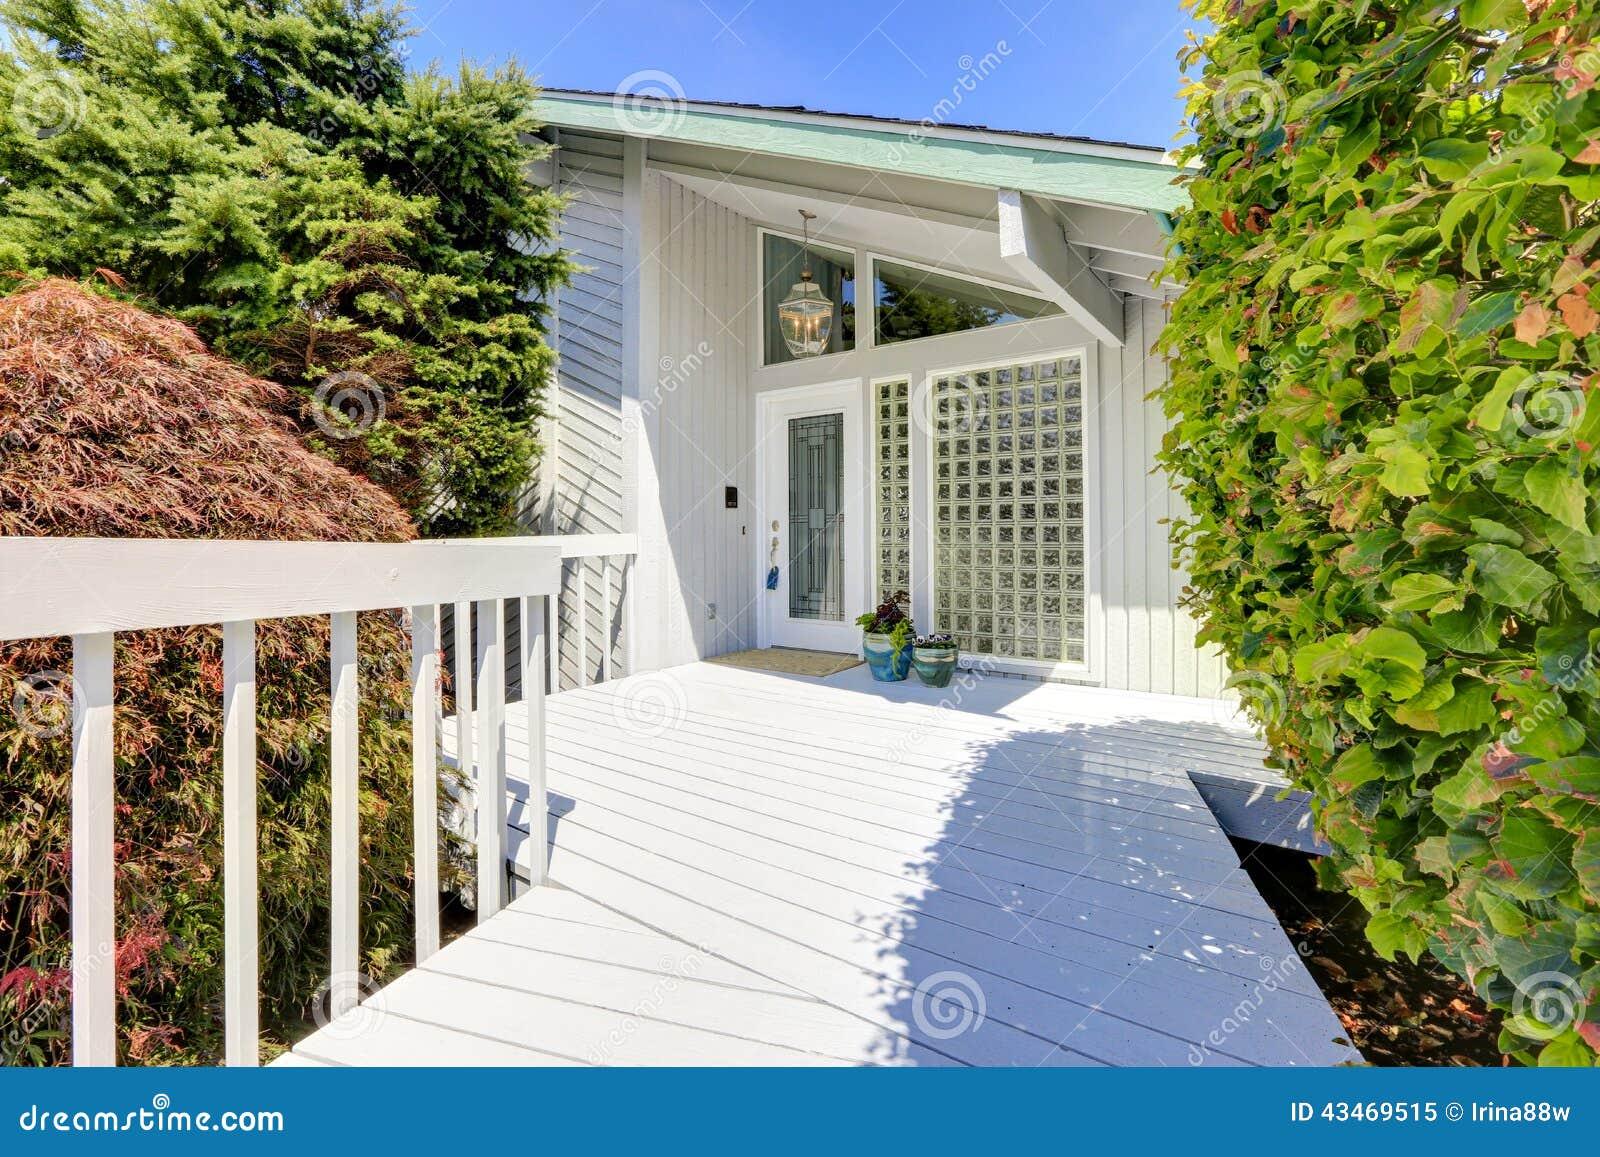 ext rieur moderne de maison porche d 39 entr e photo stock image 43469515. Black Bedroom Furniture Sets. Home Design Ideas